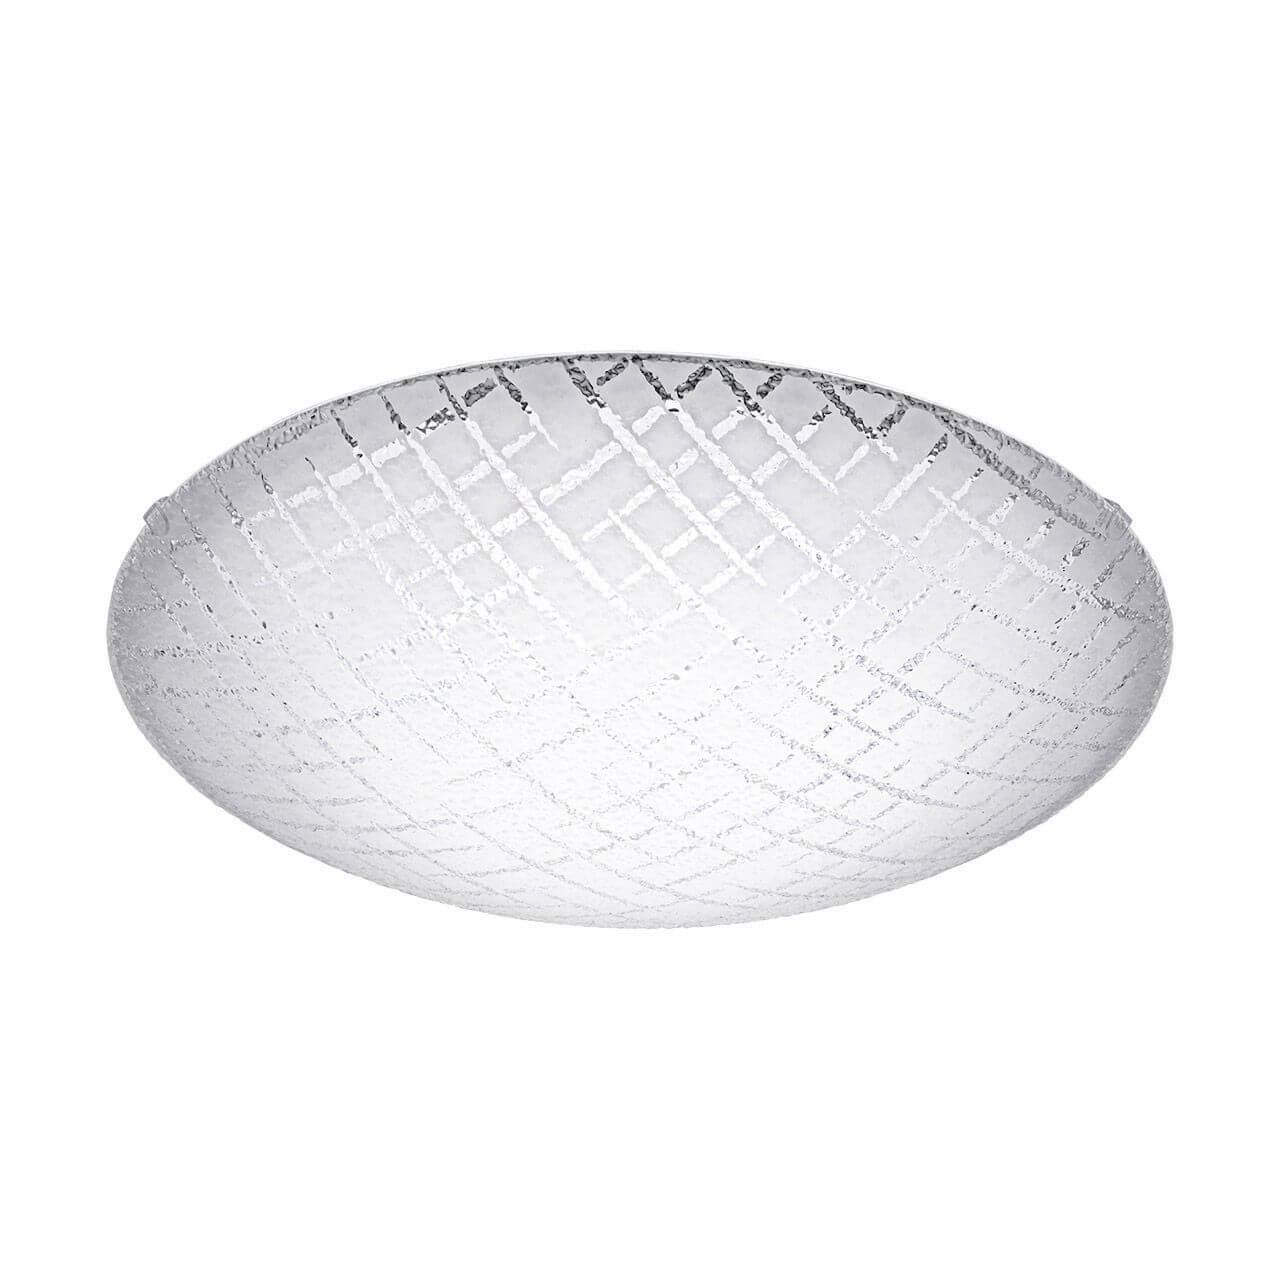 Потолочный светодиодный светильник Eglo Riconto 1 95675 цена